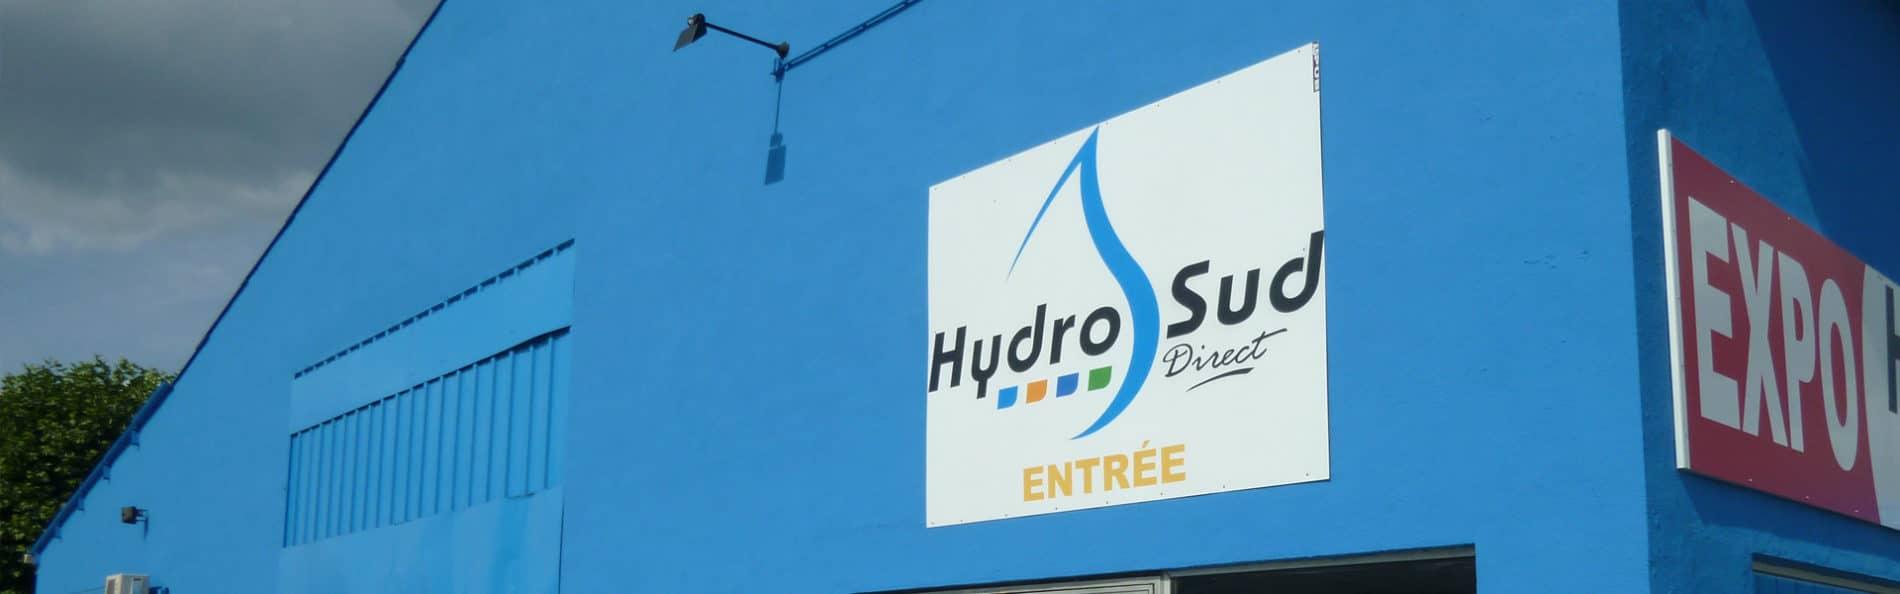 Sodil'eau – Hydro Sud Bergerac